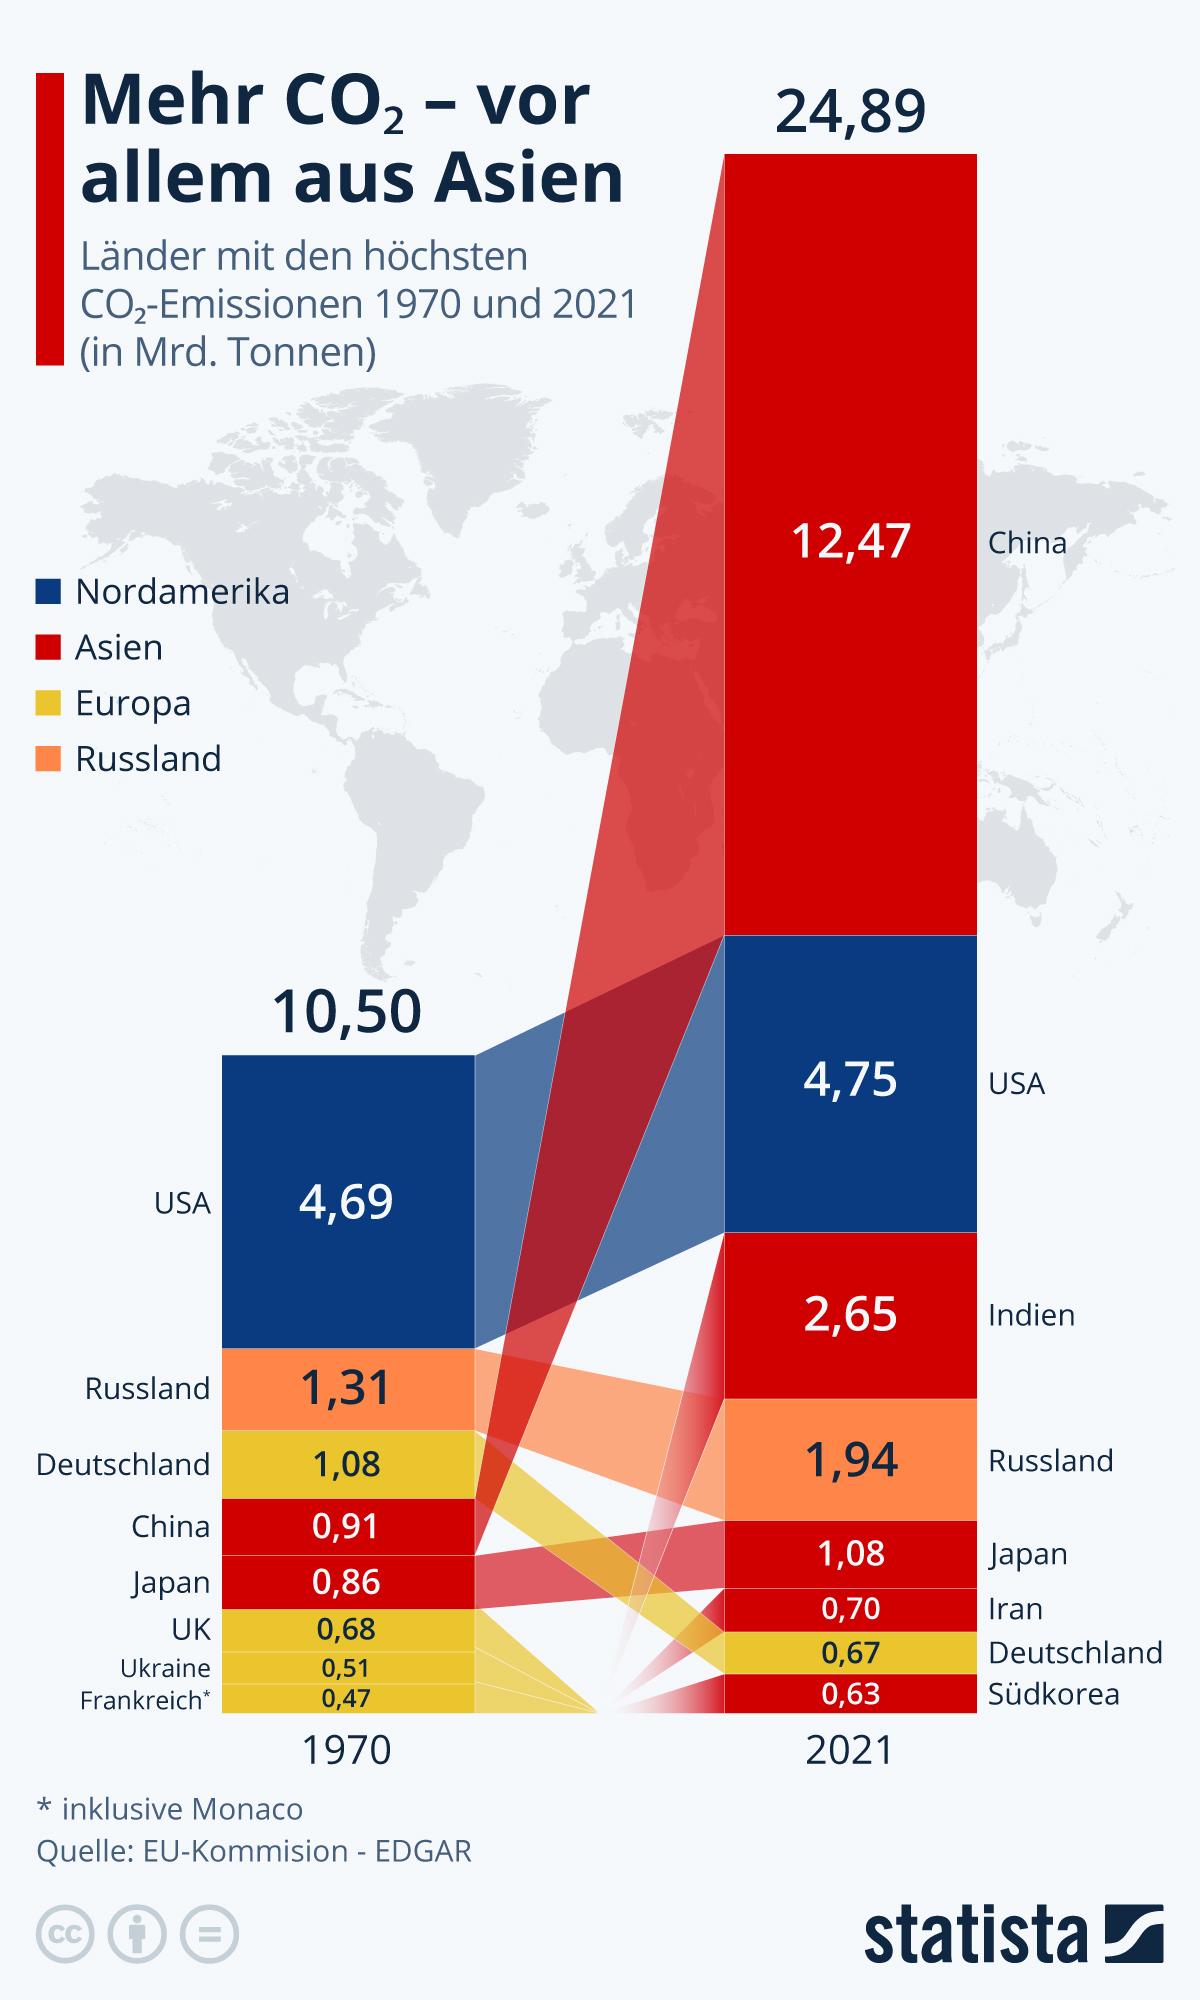 Mehr CO2 - vor allem aus Asien | Statista